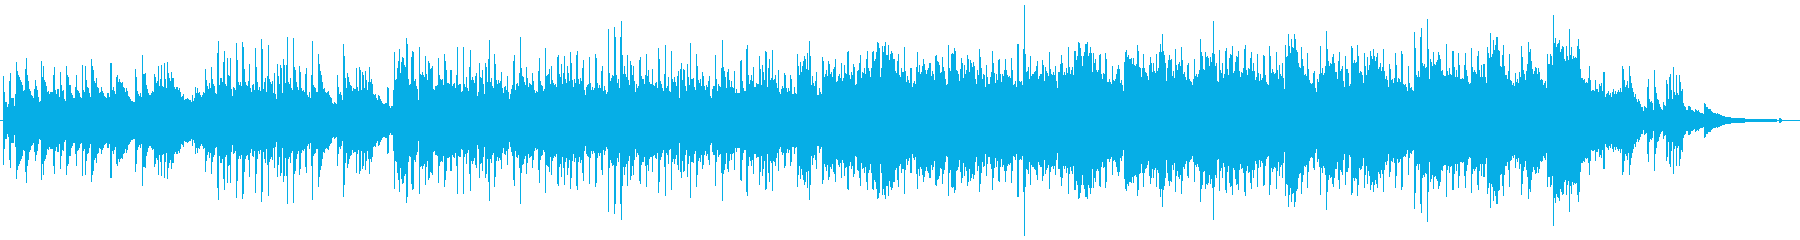 和風BGMの琴や尺八が奏でるメロディの再生済みの波形